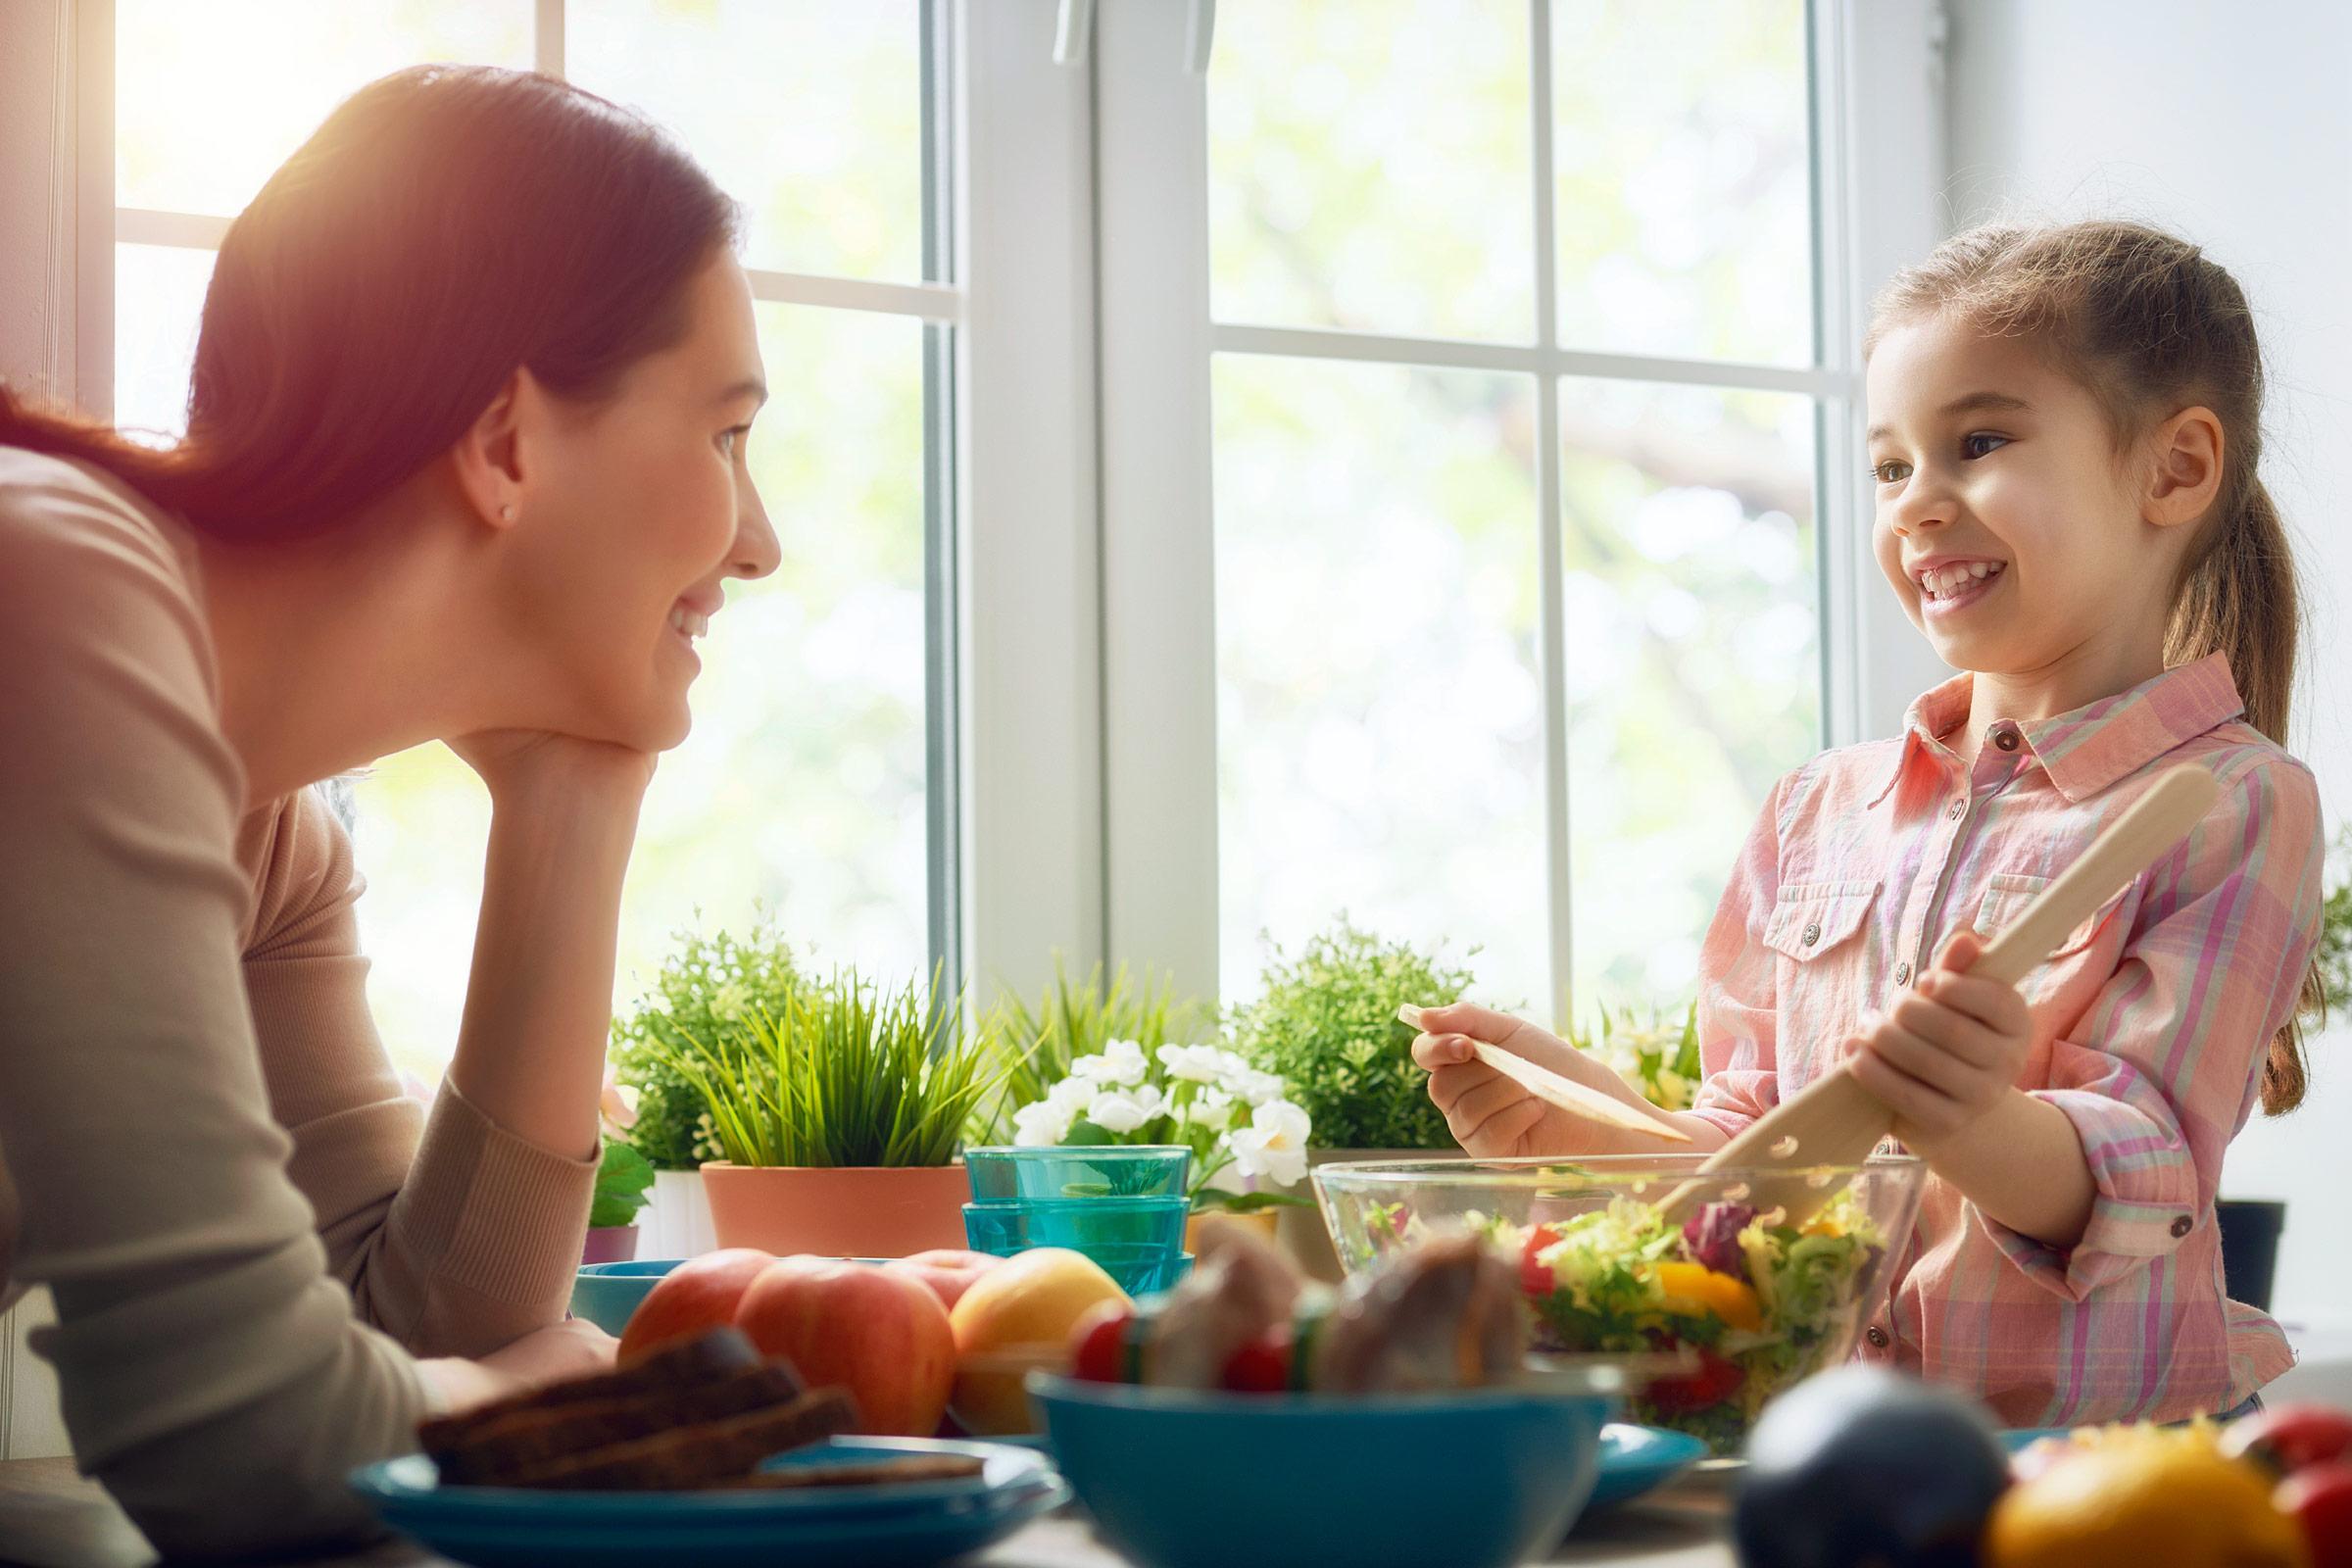 Совместная готовка поможет укрепить полезные привычки в питании. Фото: rd.com